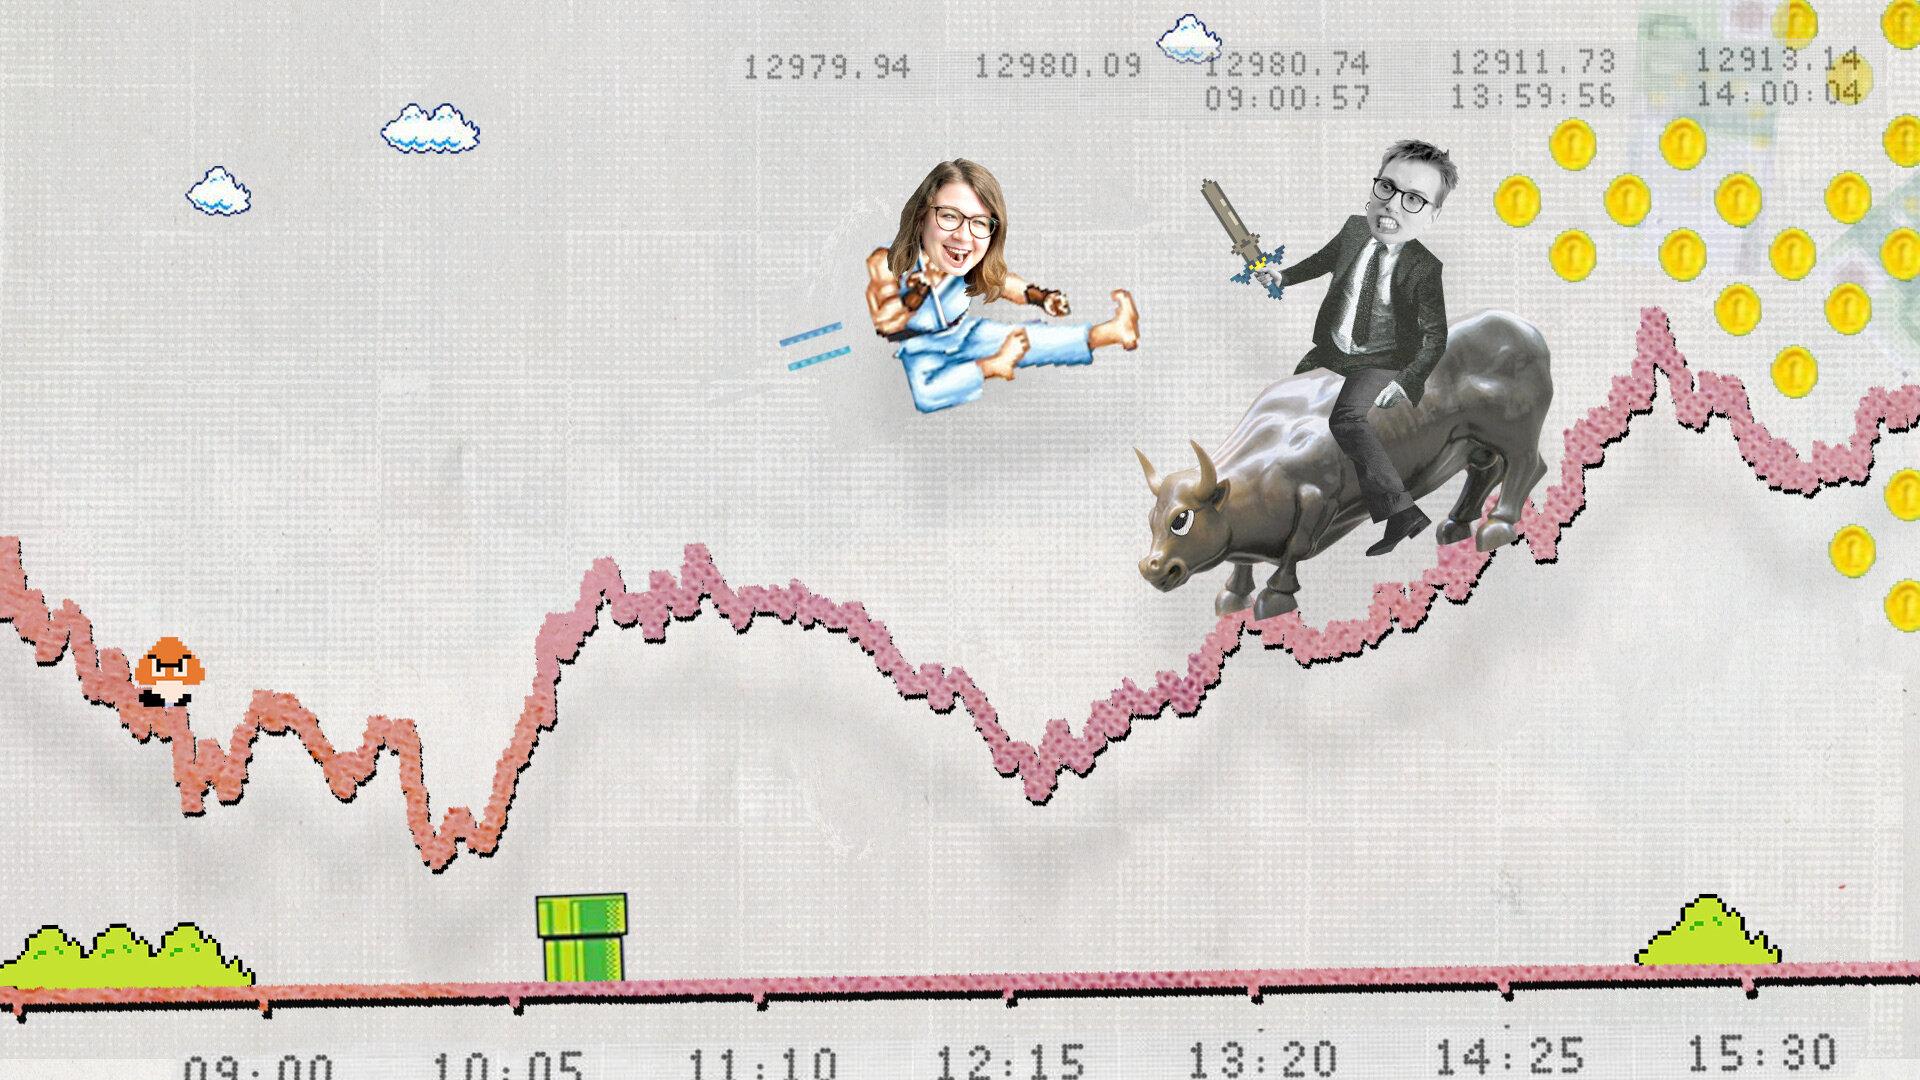 Börse den Profis überlassen? fluter-Streit